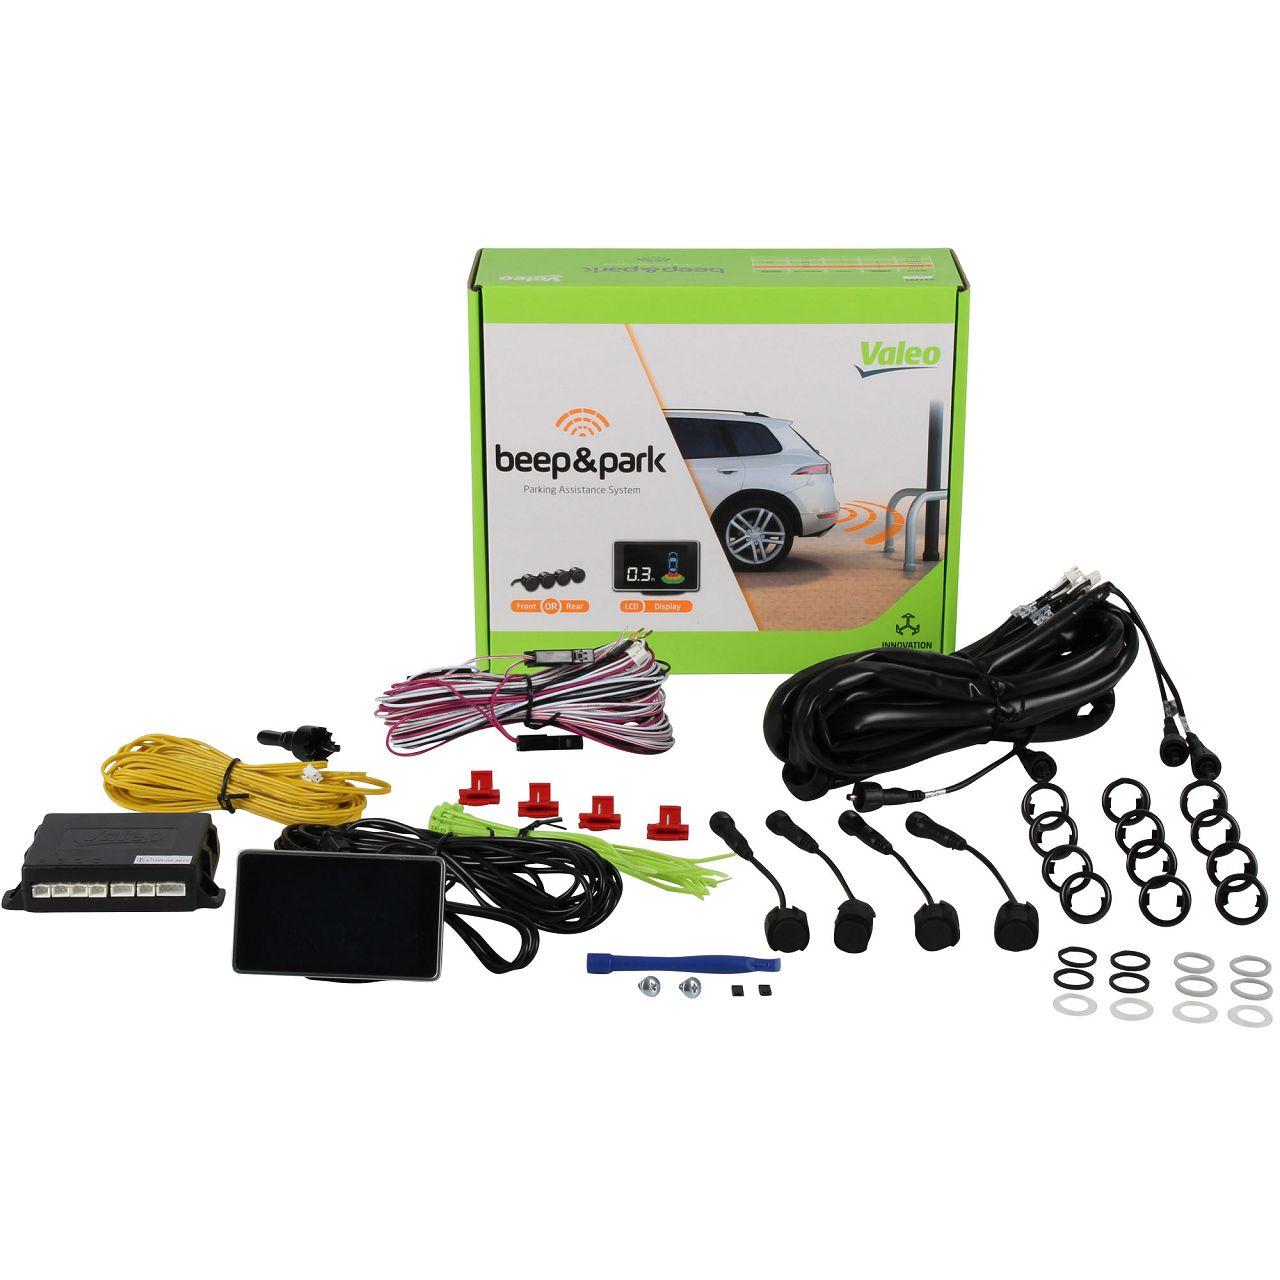 VALEO 632201 Beep&Park KIT Einparkhilfe mit 4 Sensoren und LCD Bildschirm